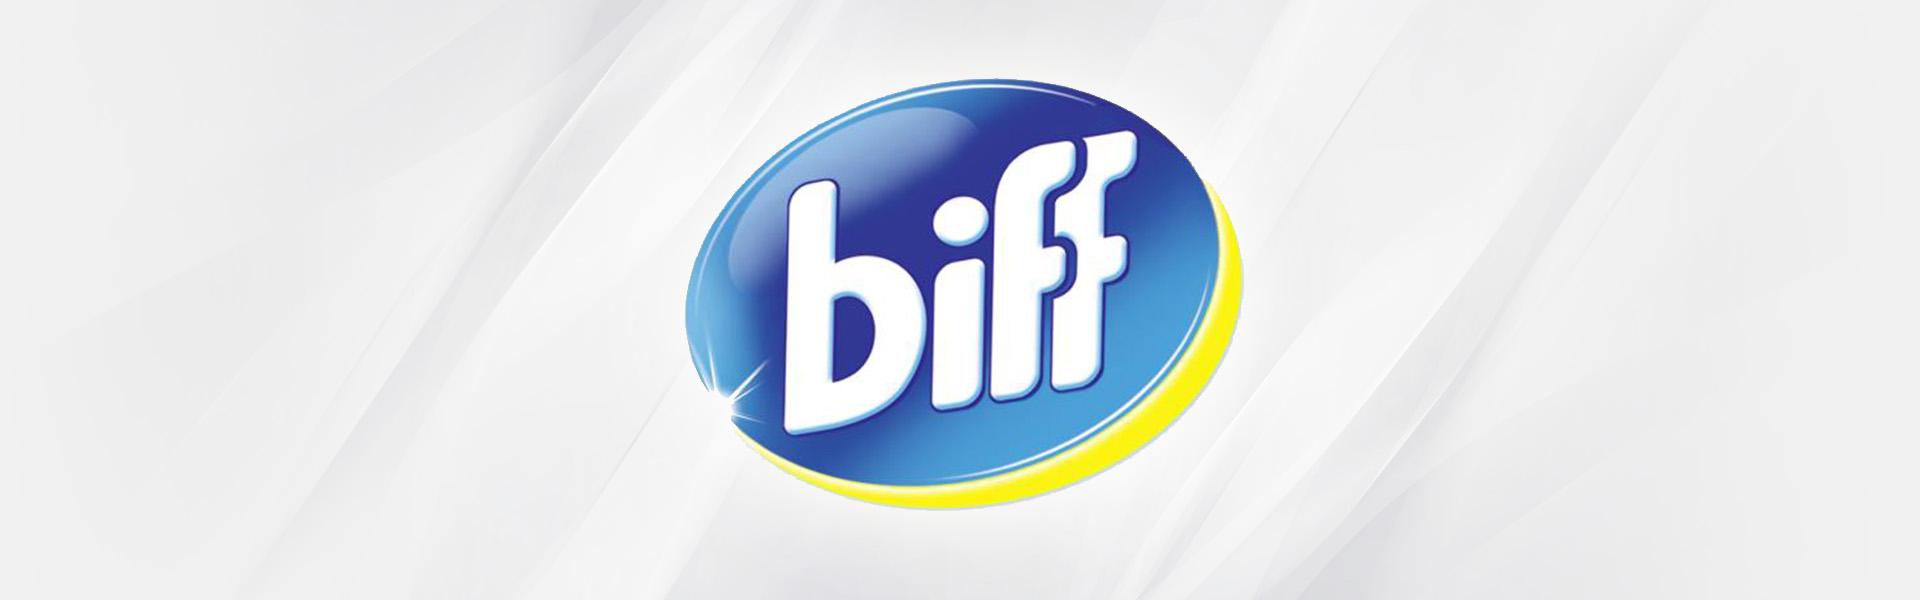 środek do czyszczenia biff